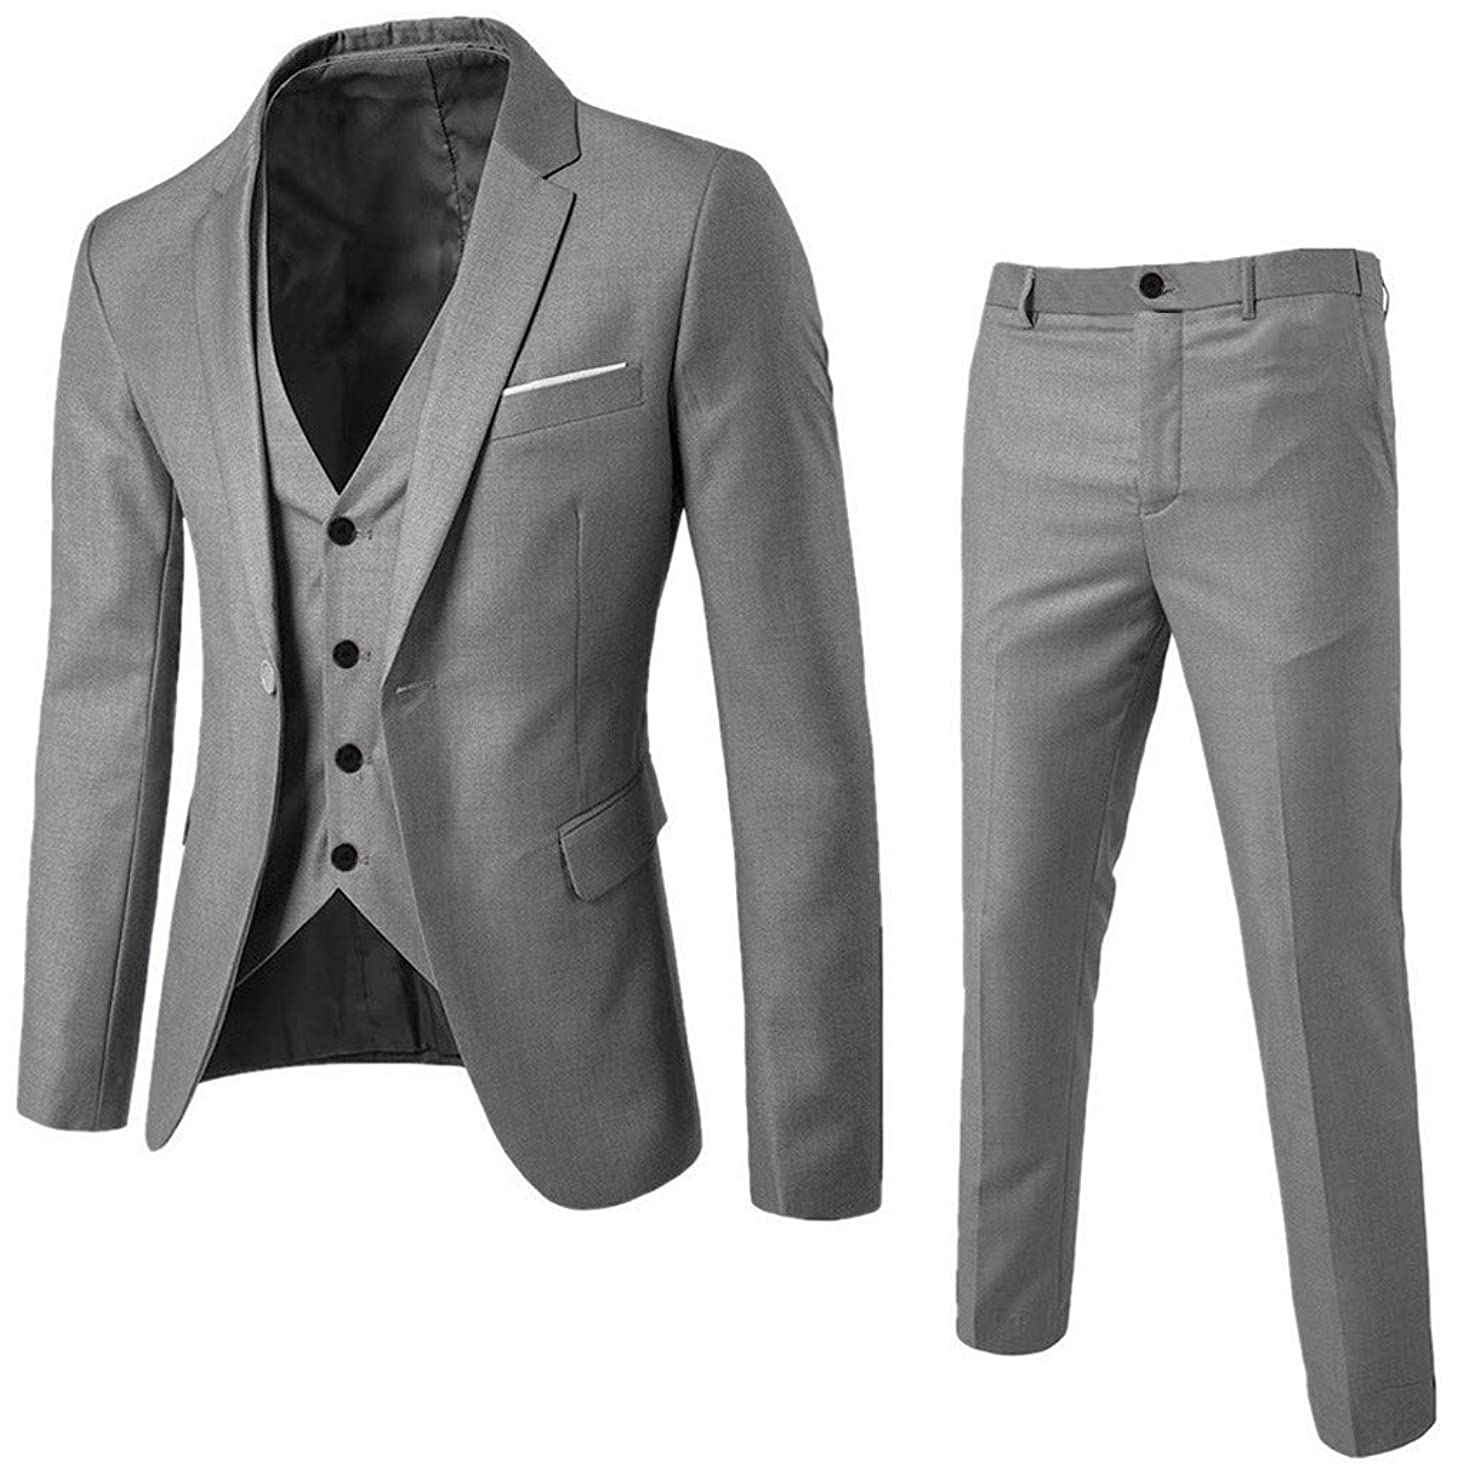 TIANMI Men's 2&3 Pieces Suit Men's Slim Button Suit,Wedding Pure Color Business Blazer Host Show Jacket Vest & Pants